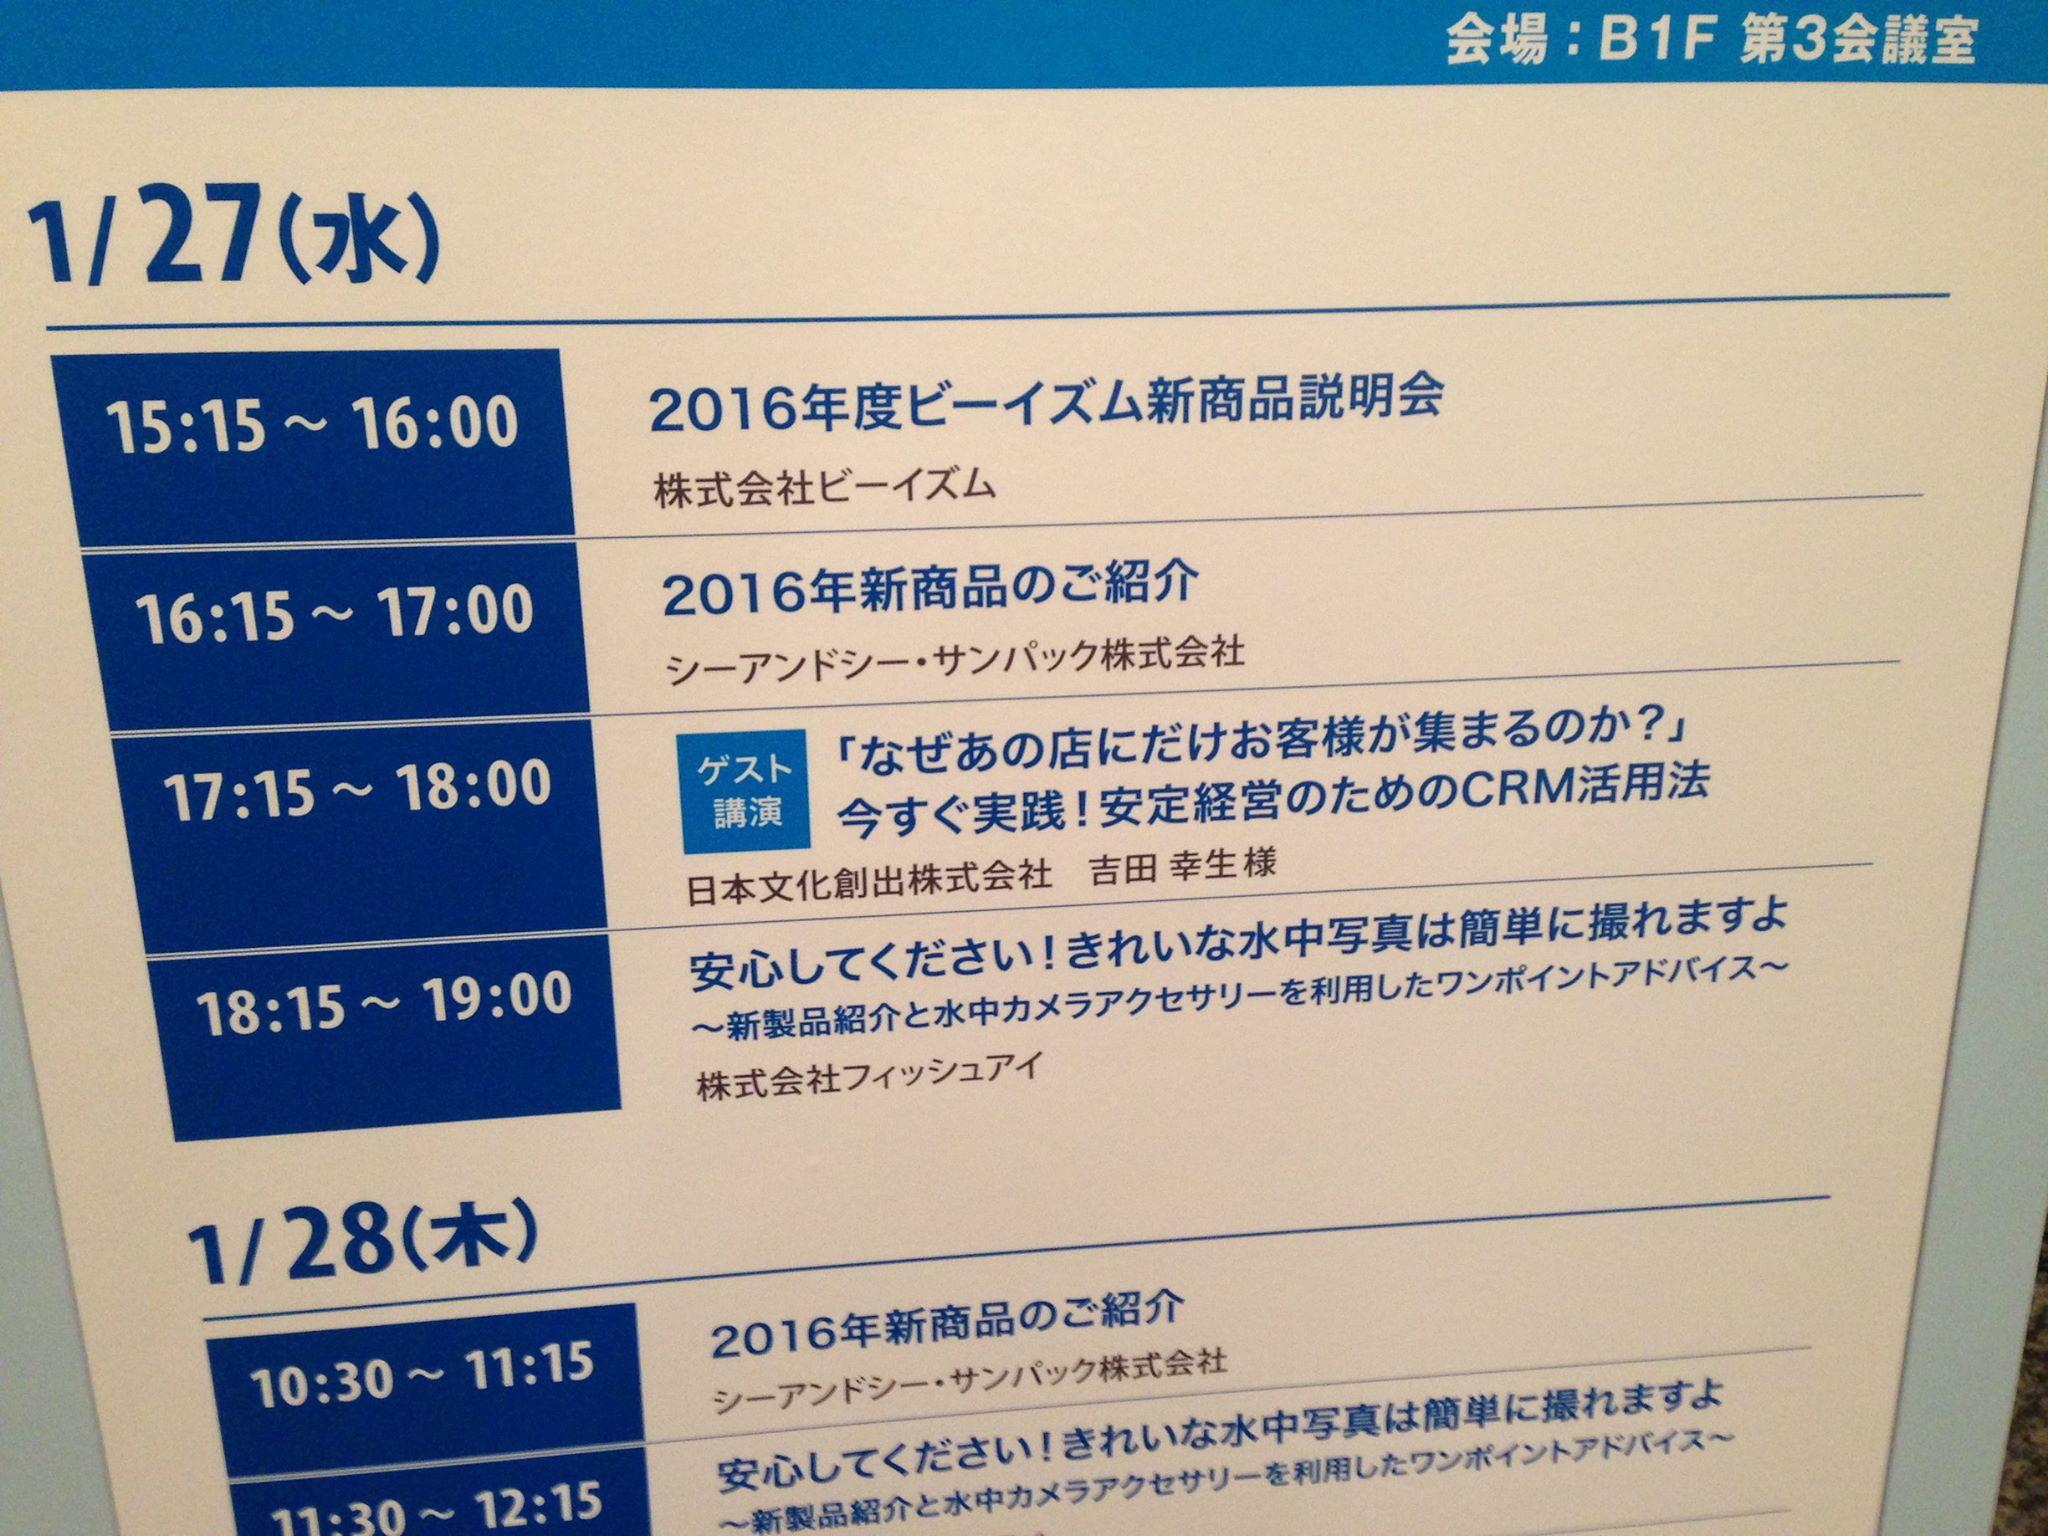 divebizshow2016_品川インターシティ